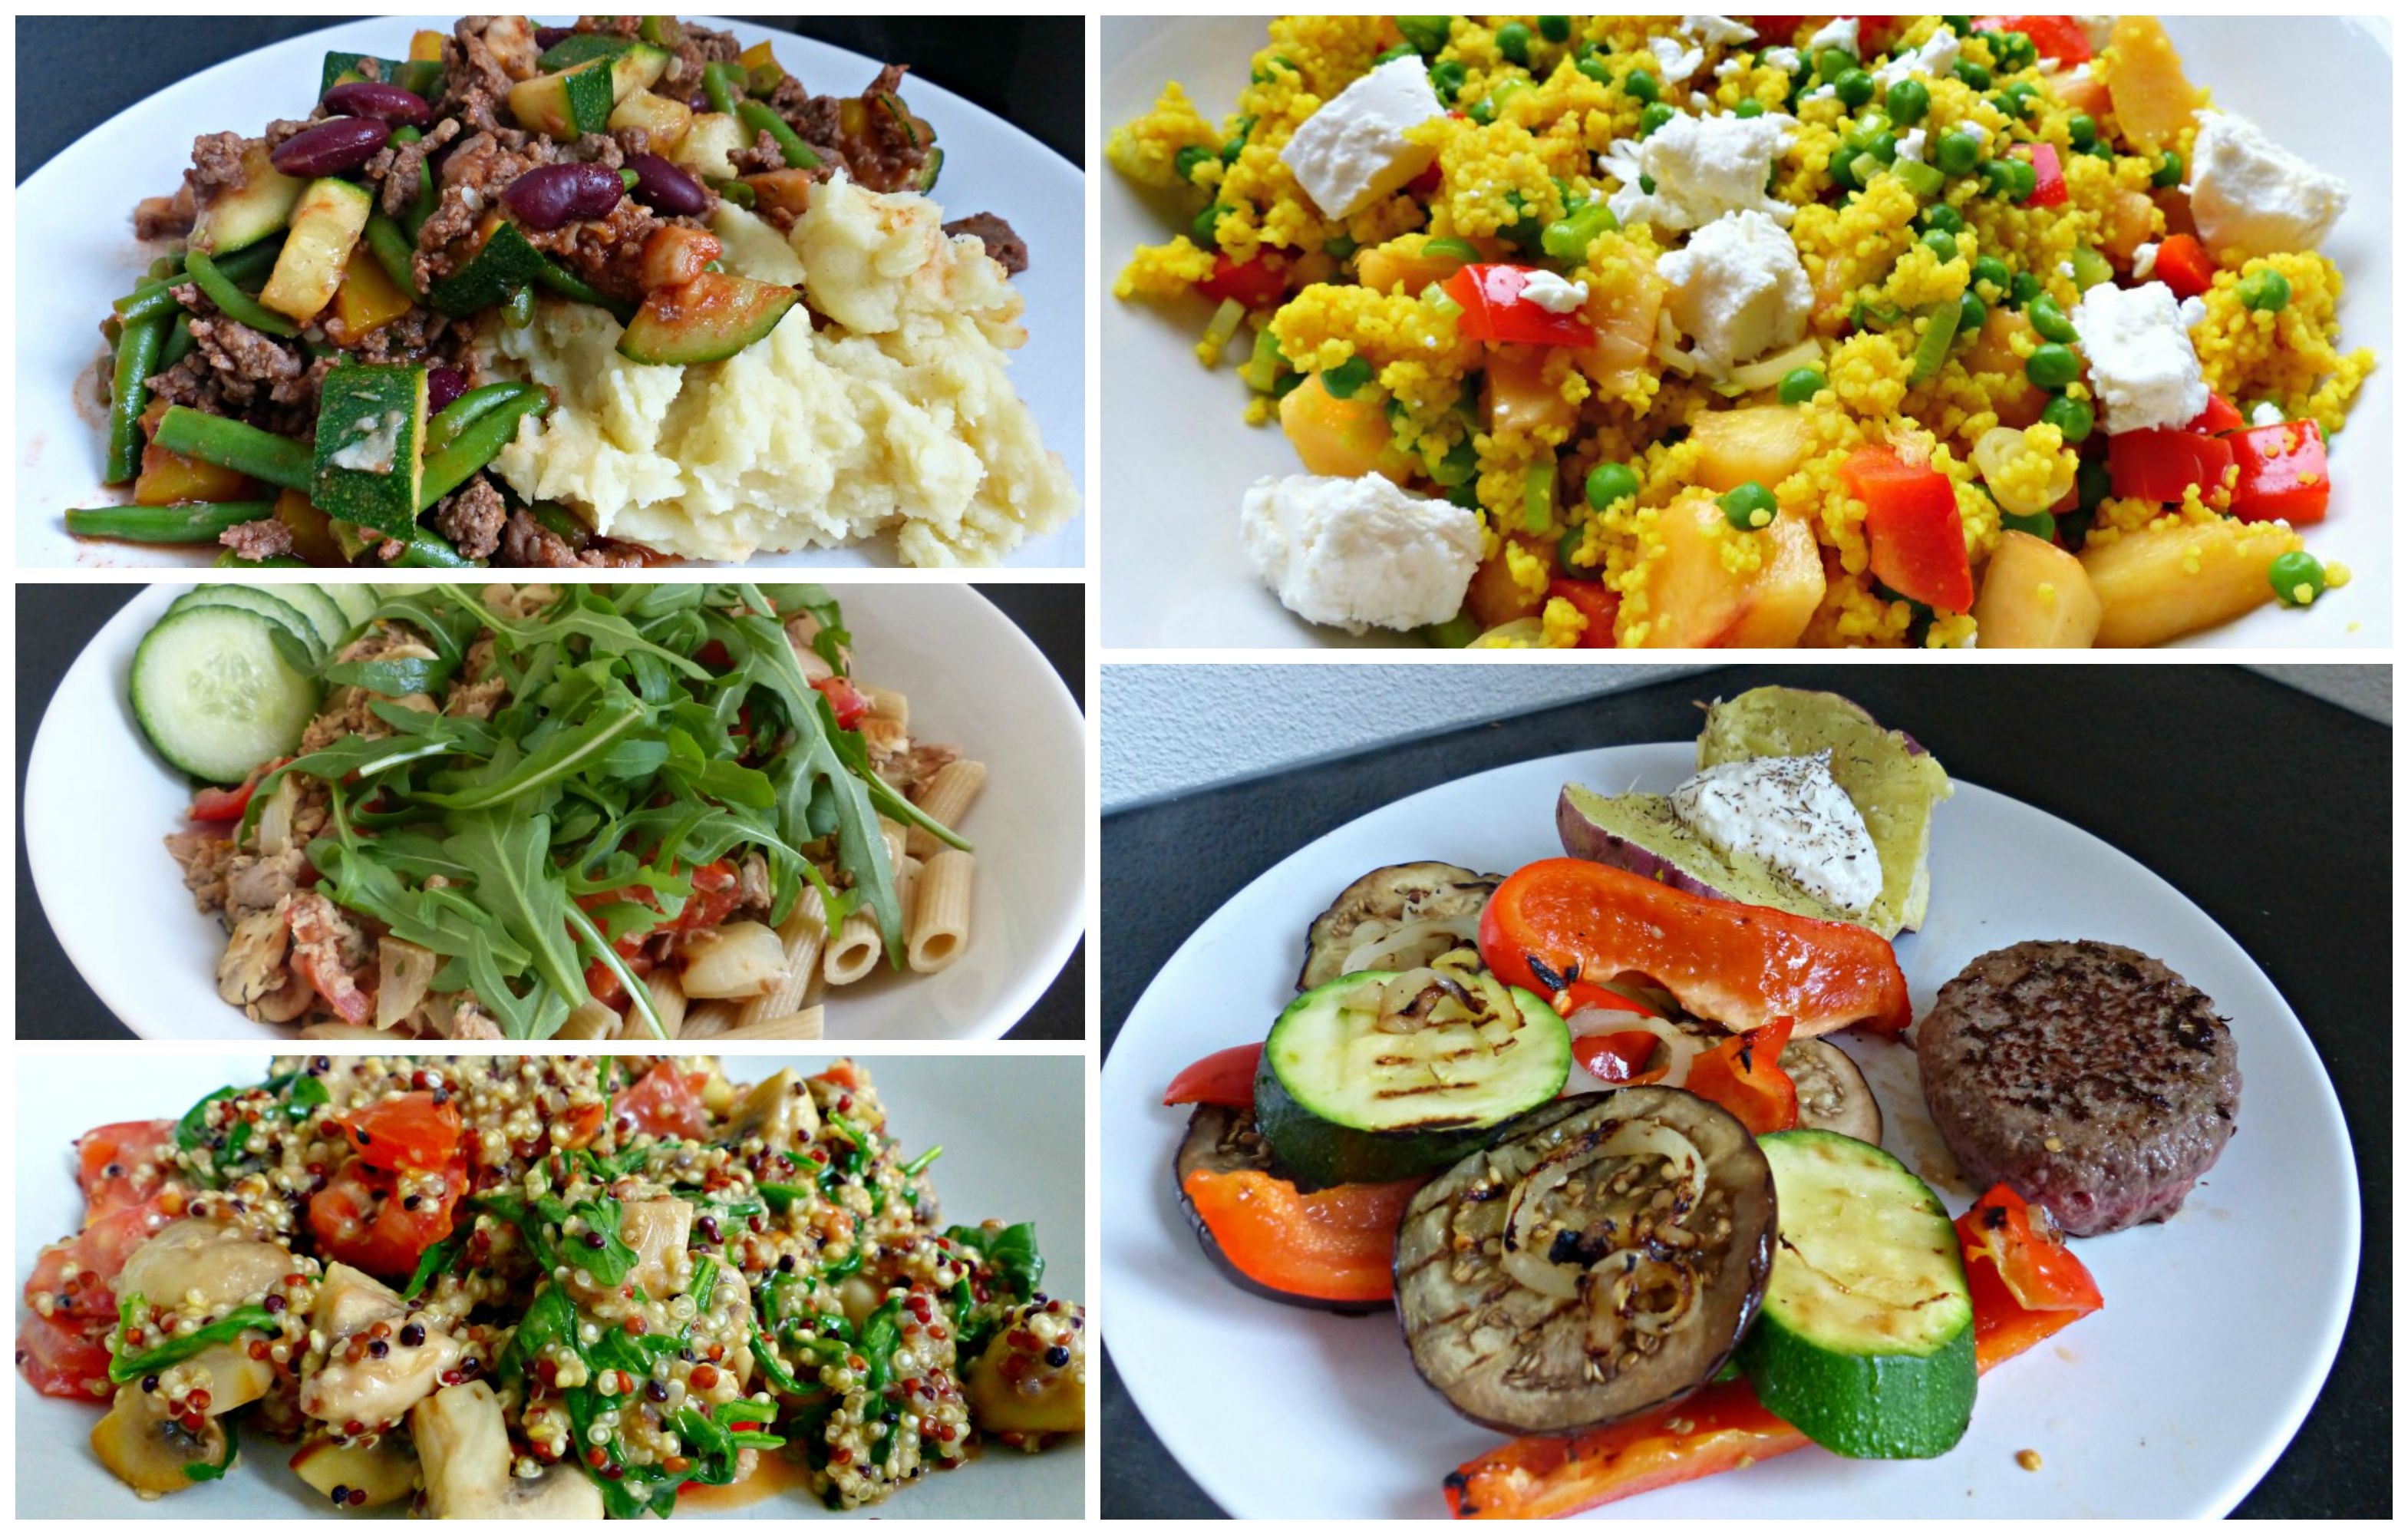 gezonde snelle maaltijd 1 persoon